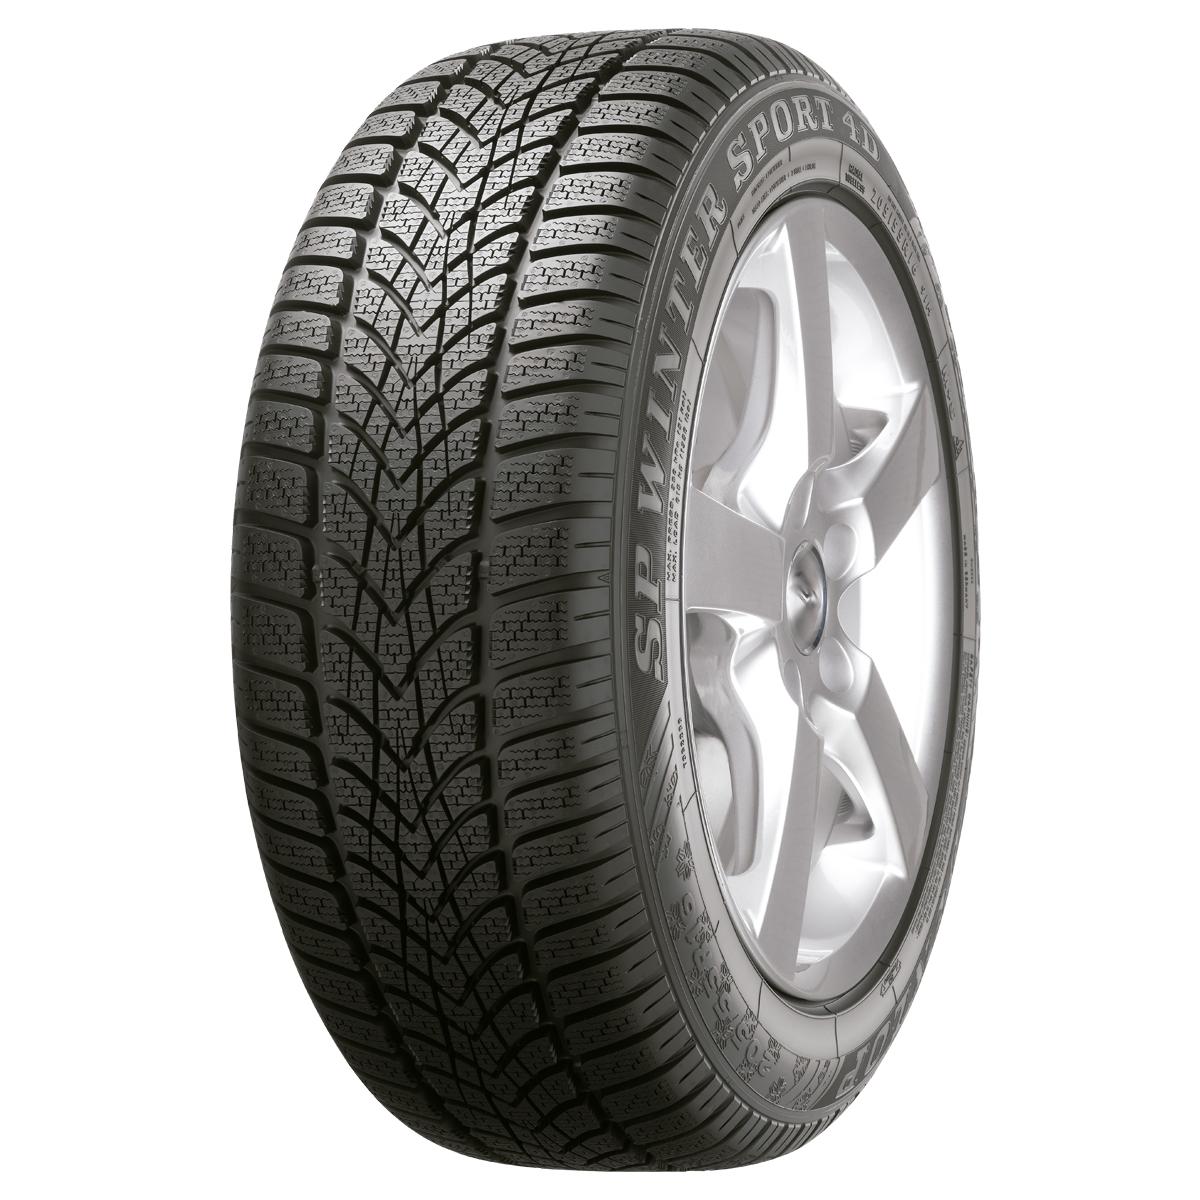 Dunlop SP Winter Sport 4D tubeless   245/45 R17